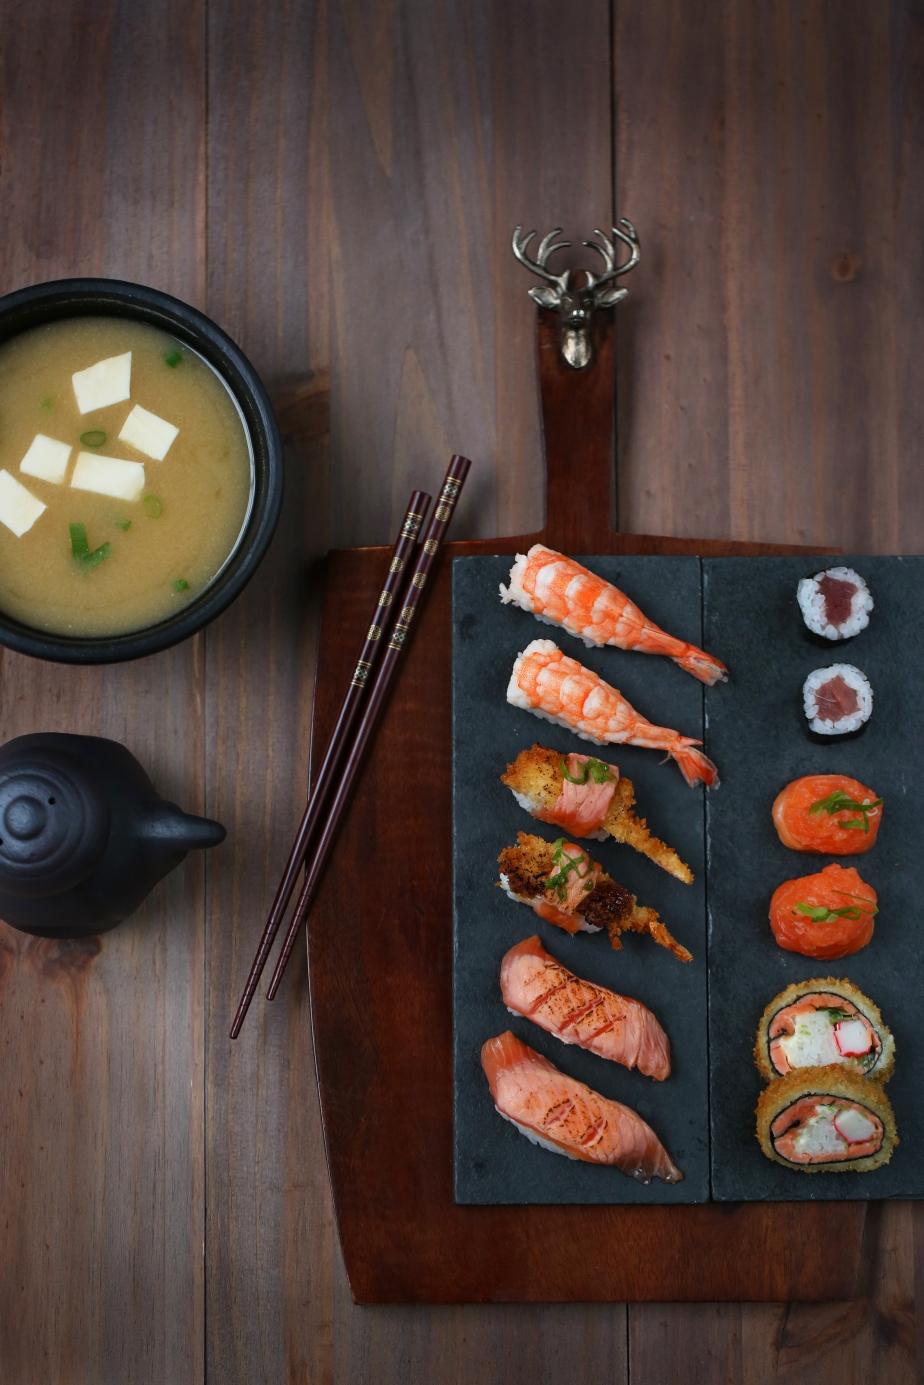 estudio de fotografia de comida